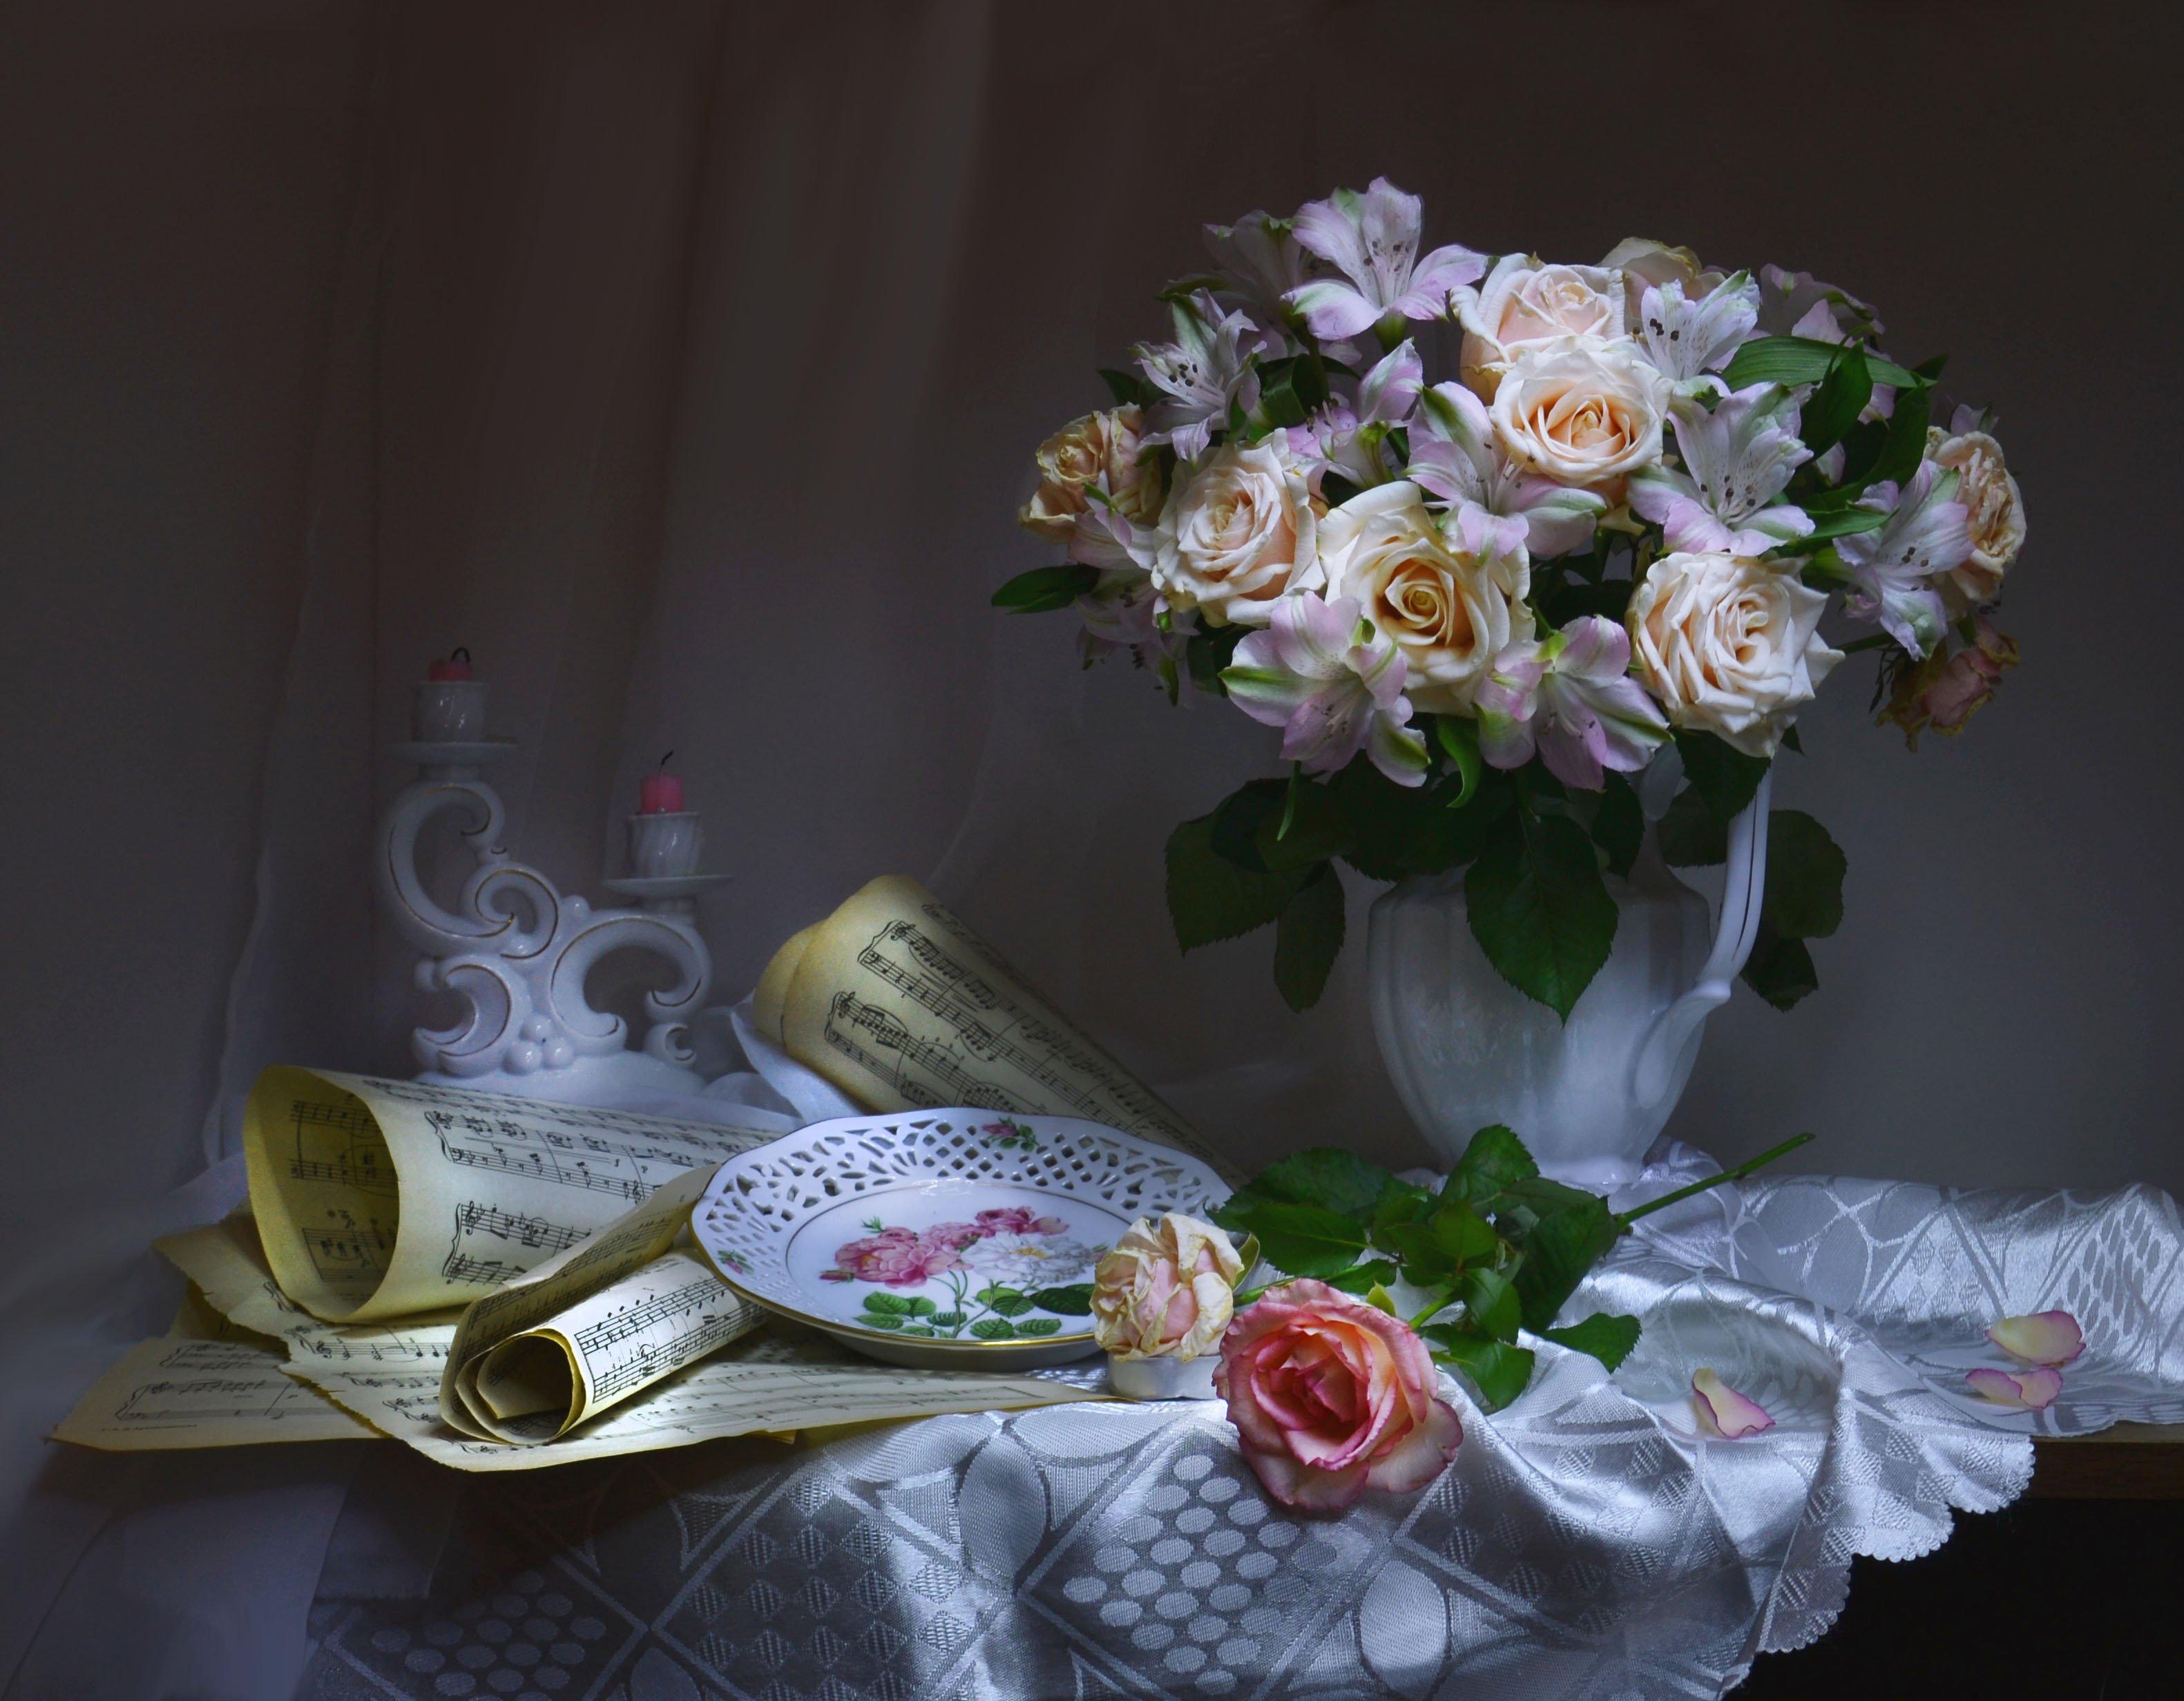 still life,натюрморт, ноты, подсвечник, розы, романс, световая кисть, свечи, фарфор, фото натюрморт, цветы, январь, Колова Валентина